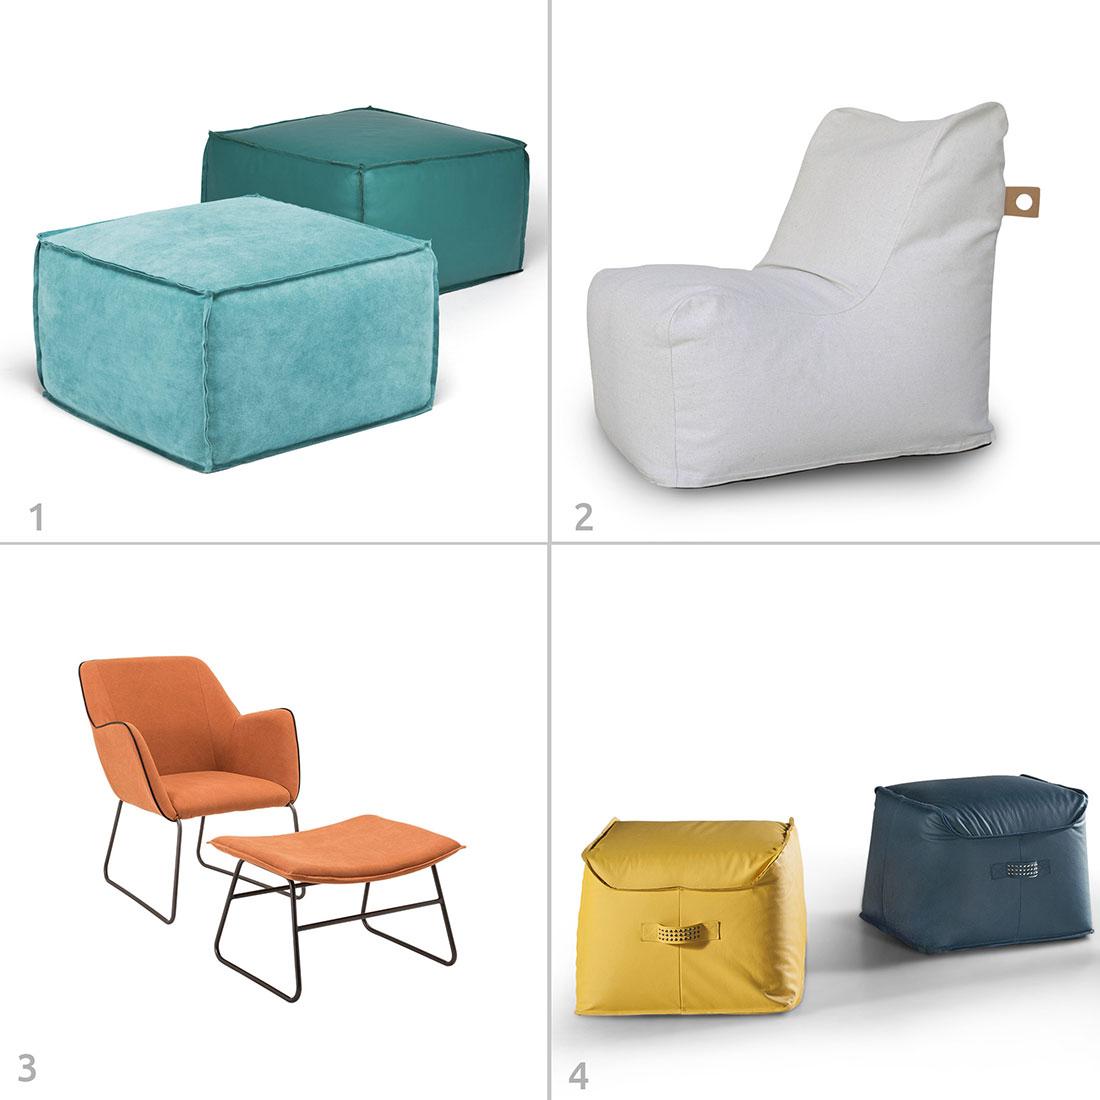 Alguns tipos de mobiliário mais informal da RS Design: 1. Pufe Nuova, 2. Pufe Palo Alto, 3. Poltrona Alada, Pufe Foggia